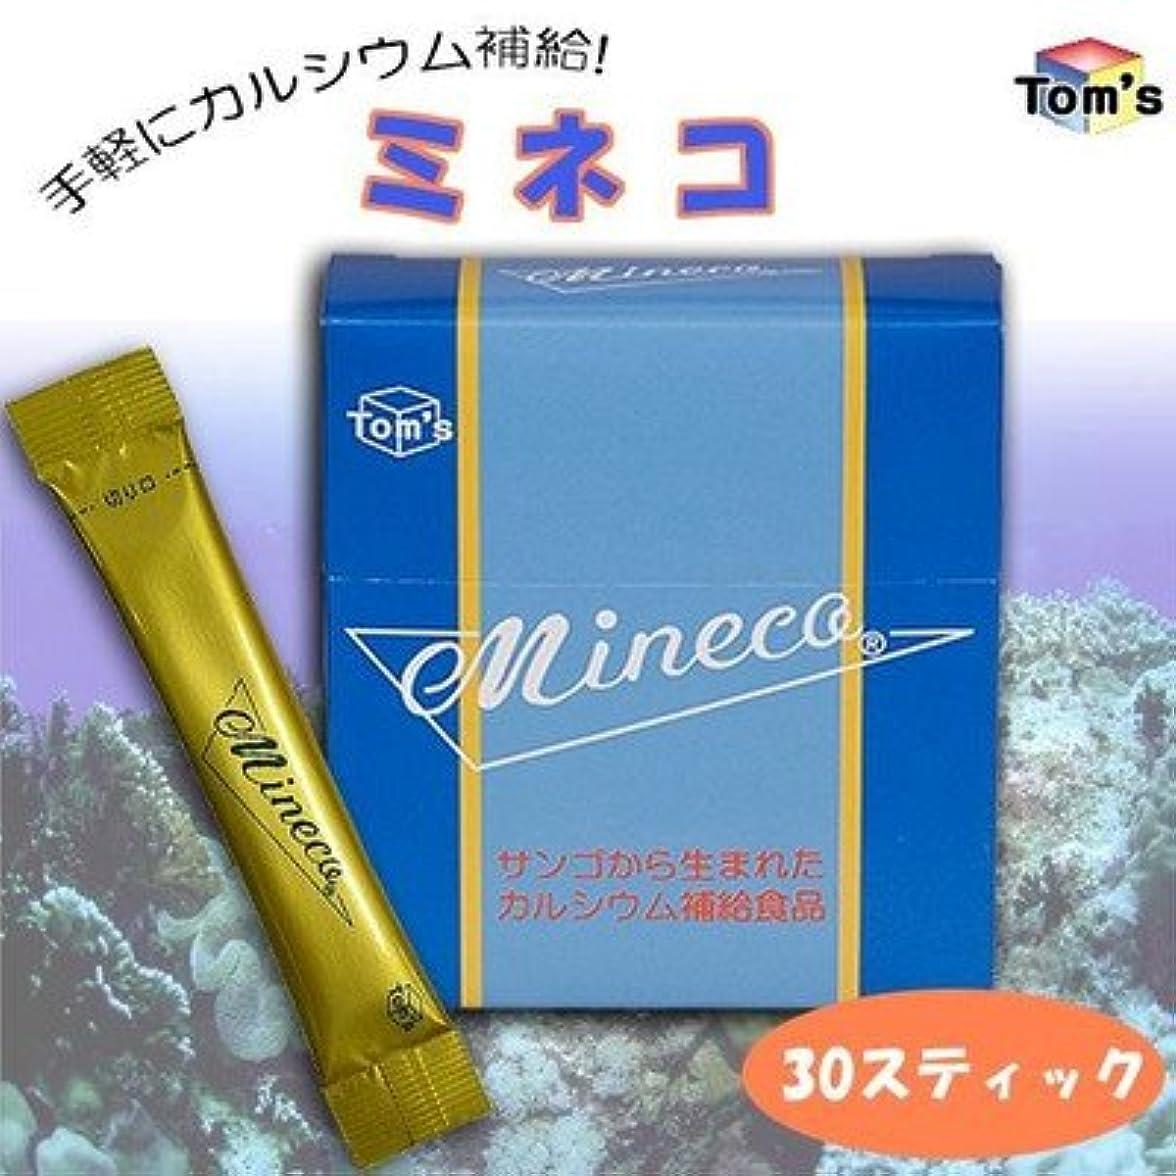 固めるあいまいさキャンベラ手軽にカルシウム補給 ミネコ 1箱(30スティック入)